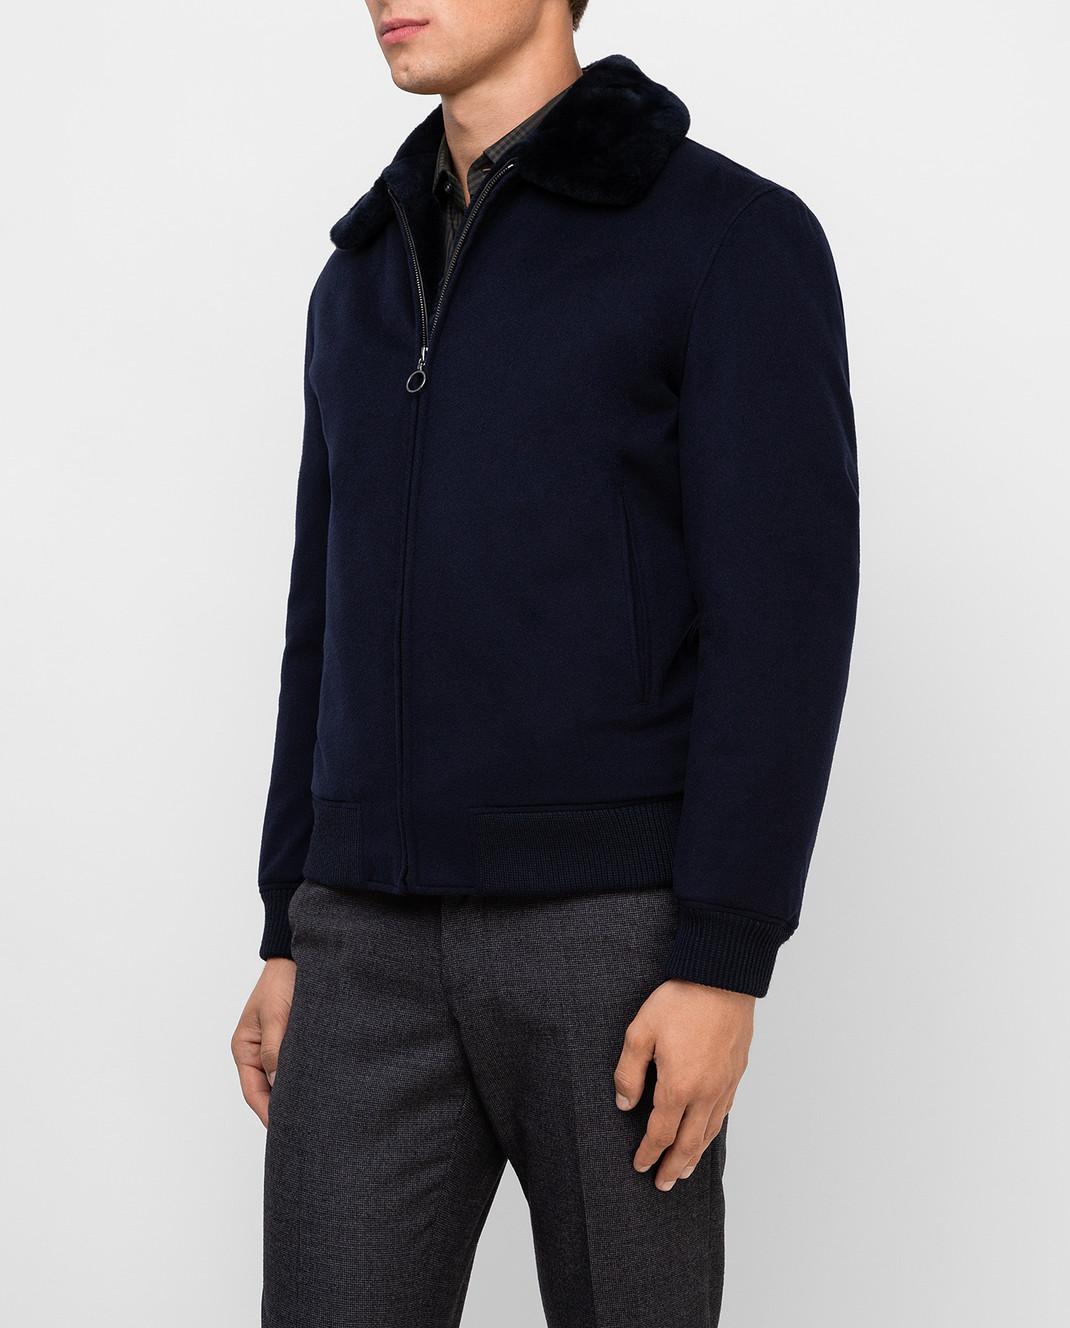 Seraphin Темно-синяя куртка из кашемира 22600H9FE9600 изображение 3